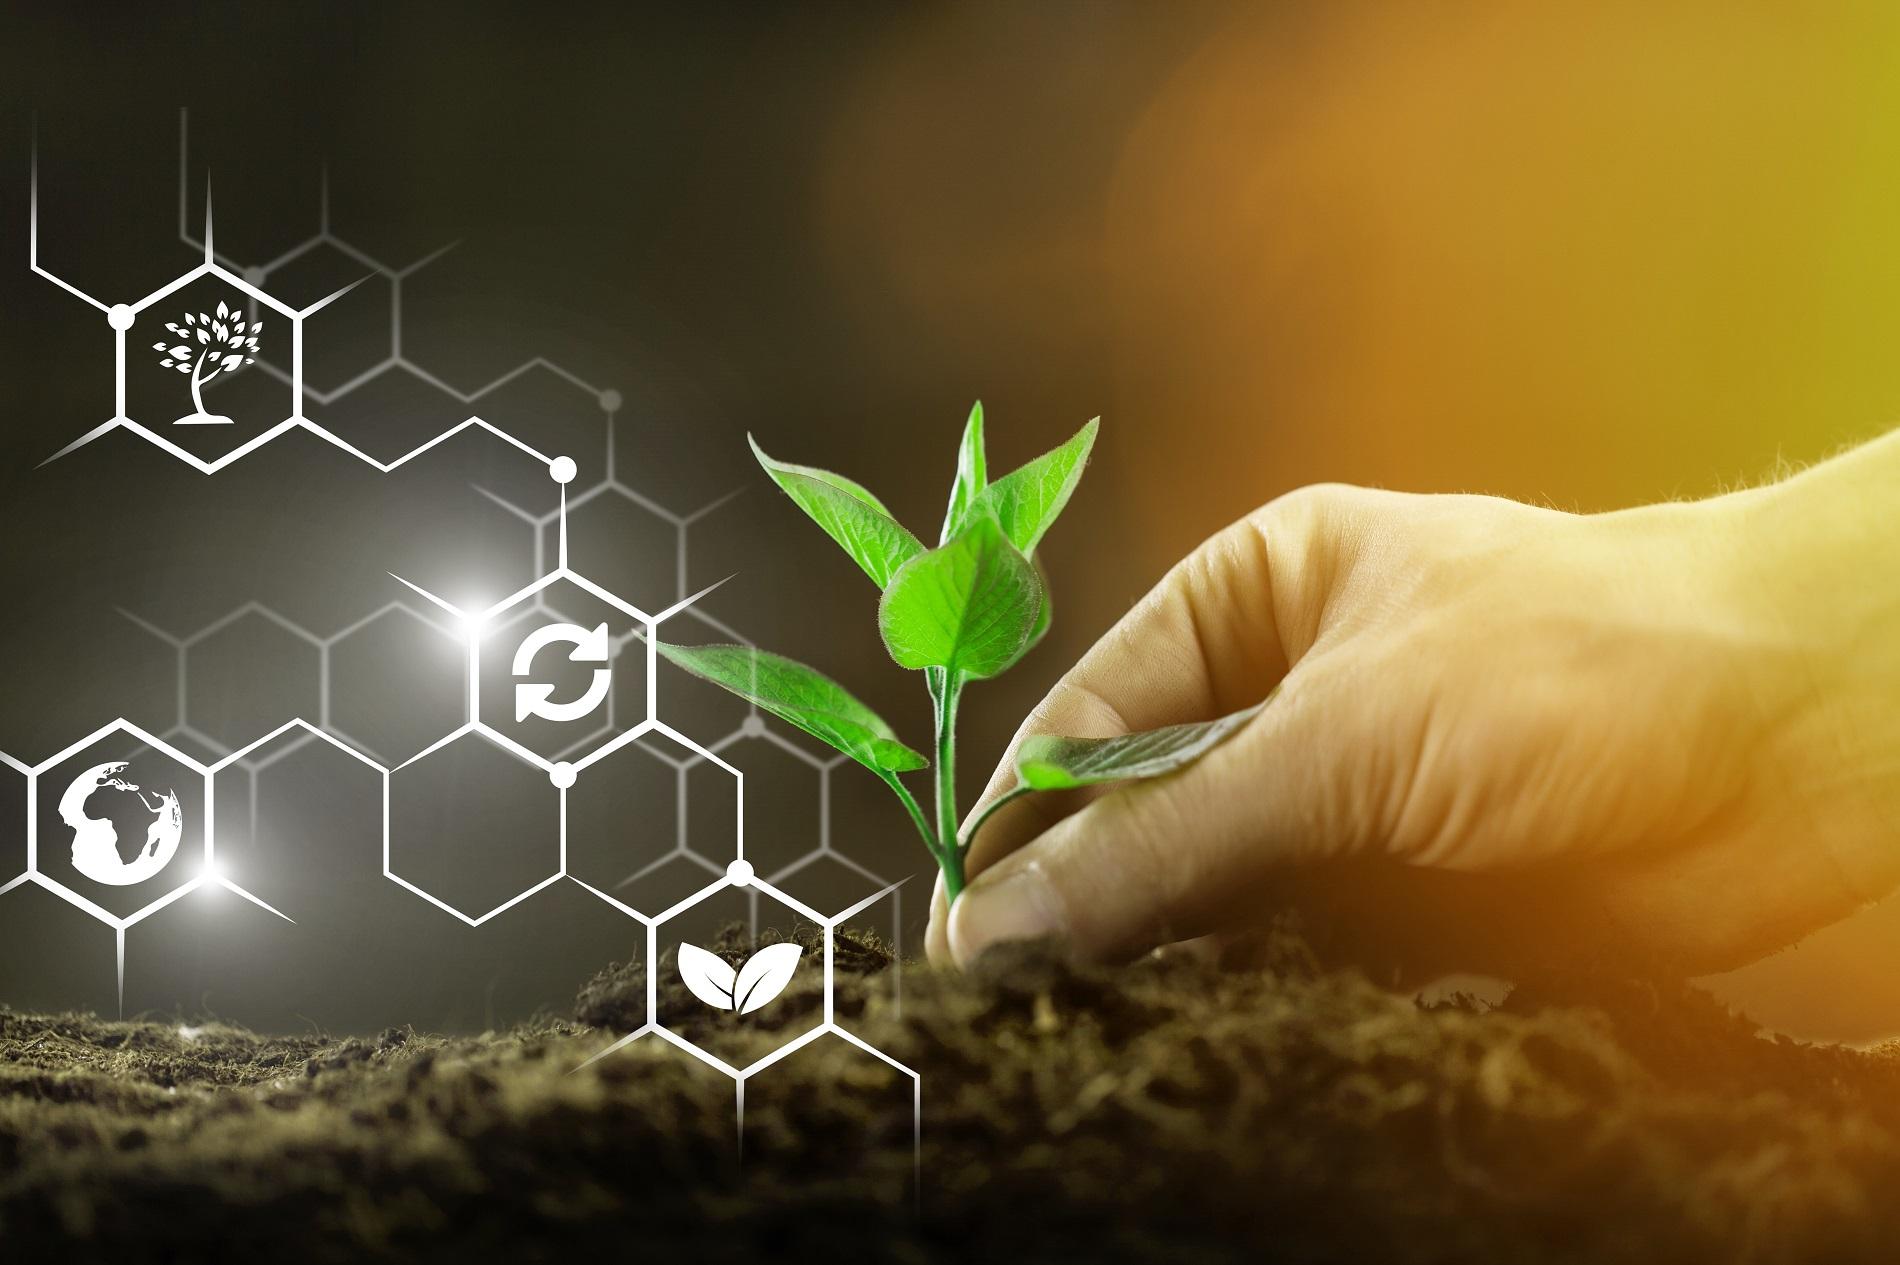 La sanidad vegetal como agente clave en los retos presentes y futuros de nuestra sociedad